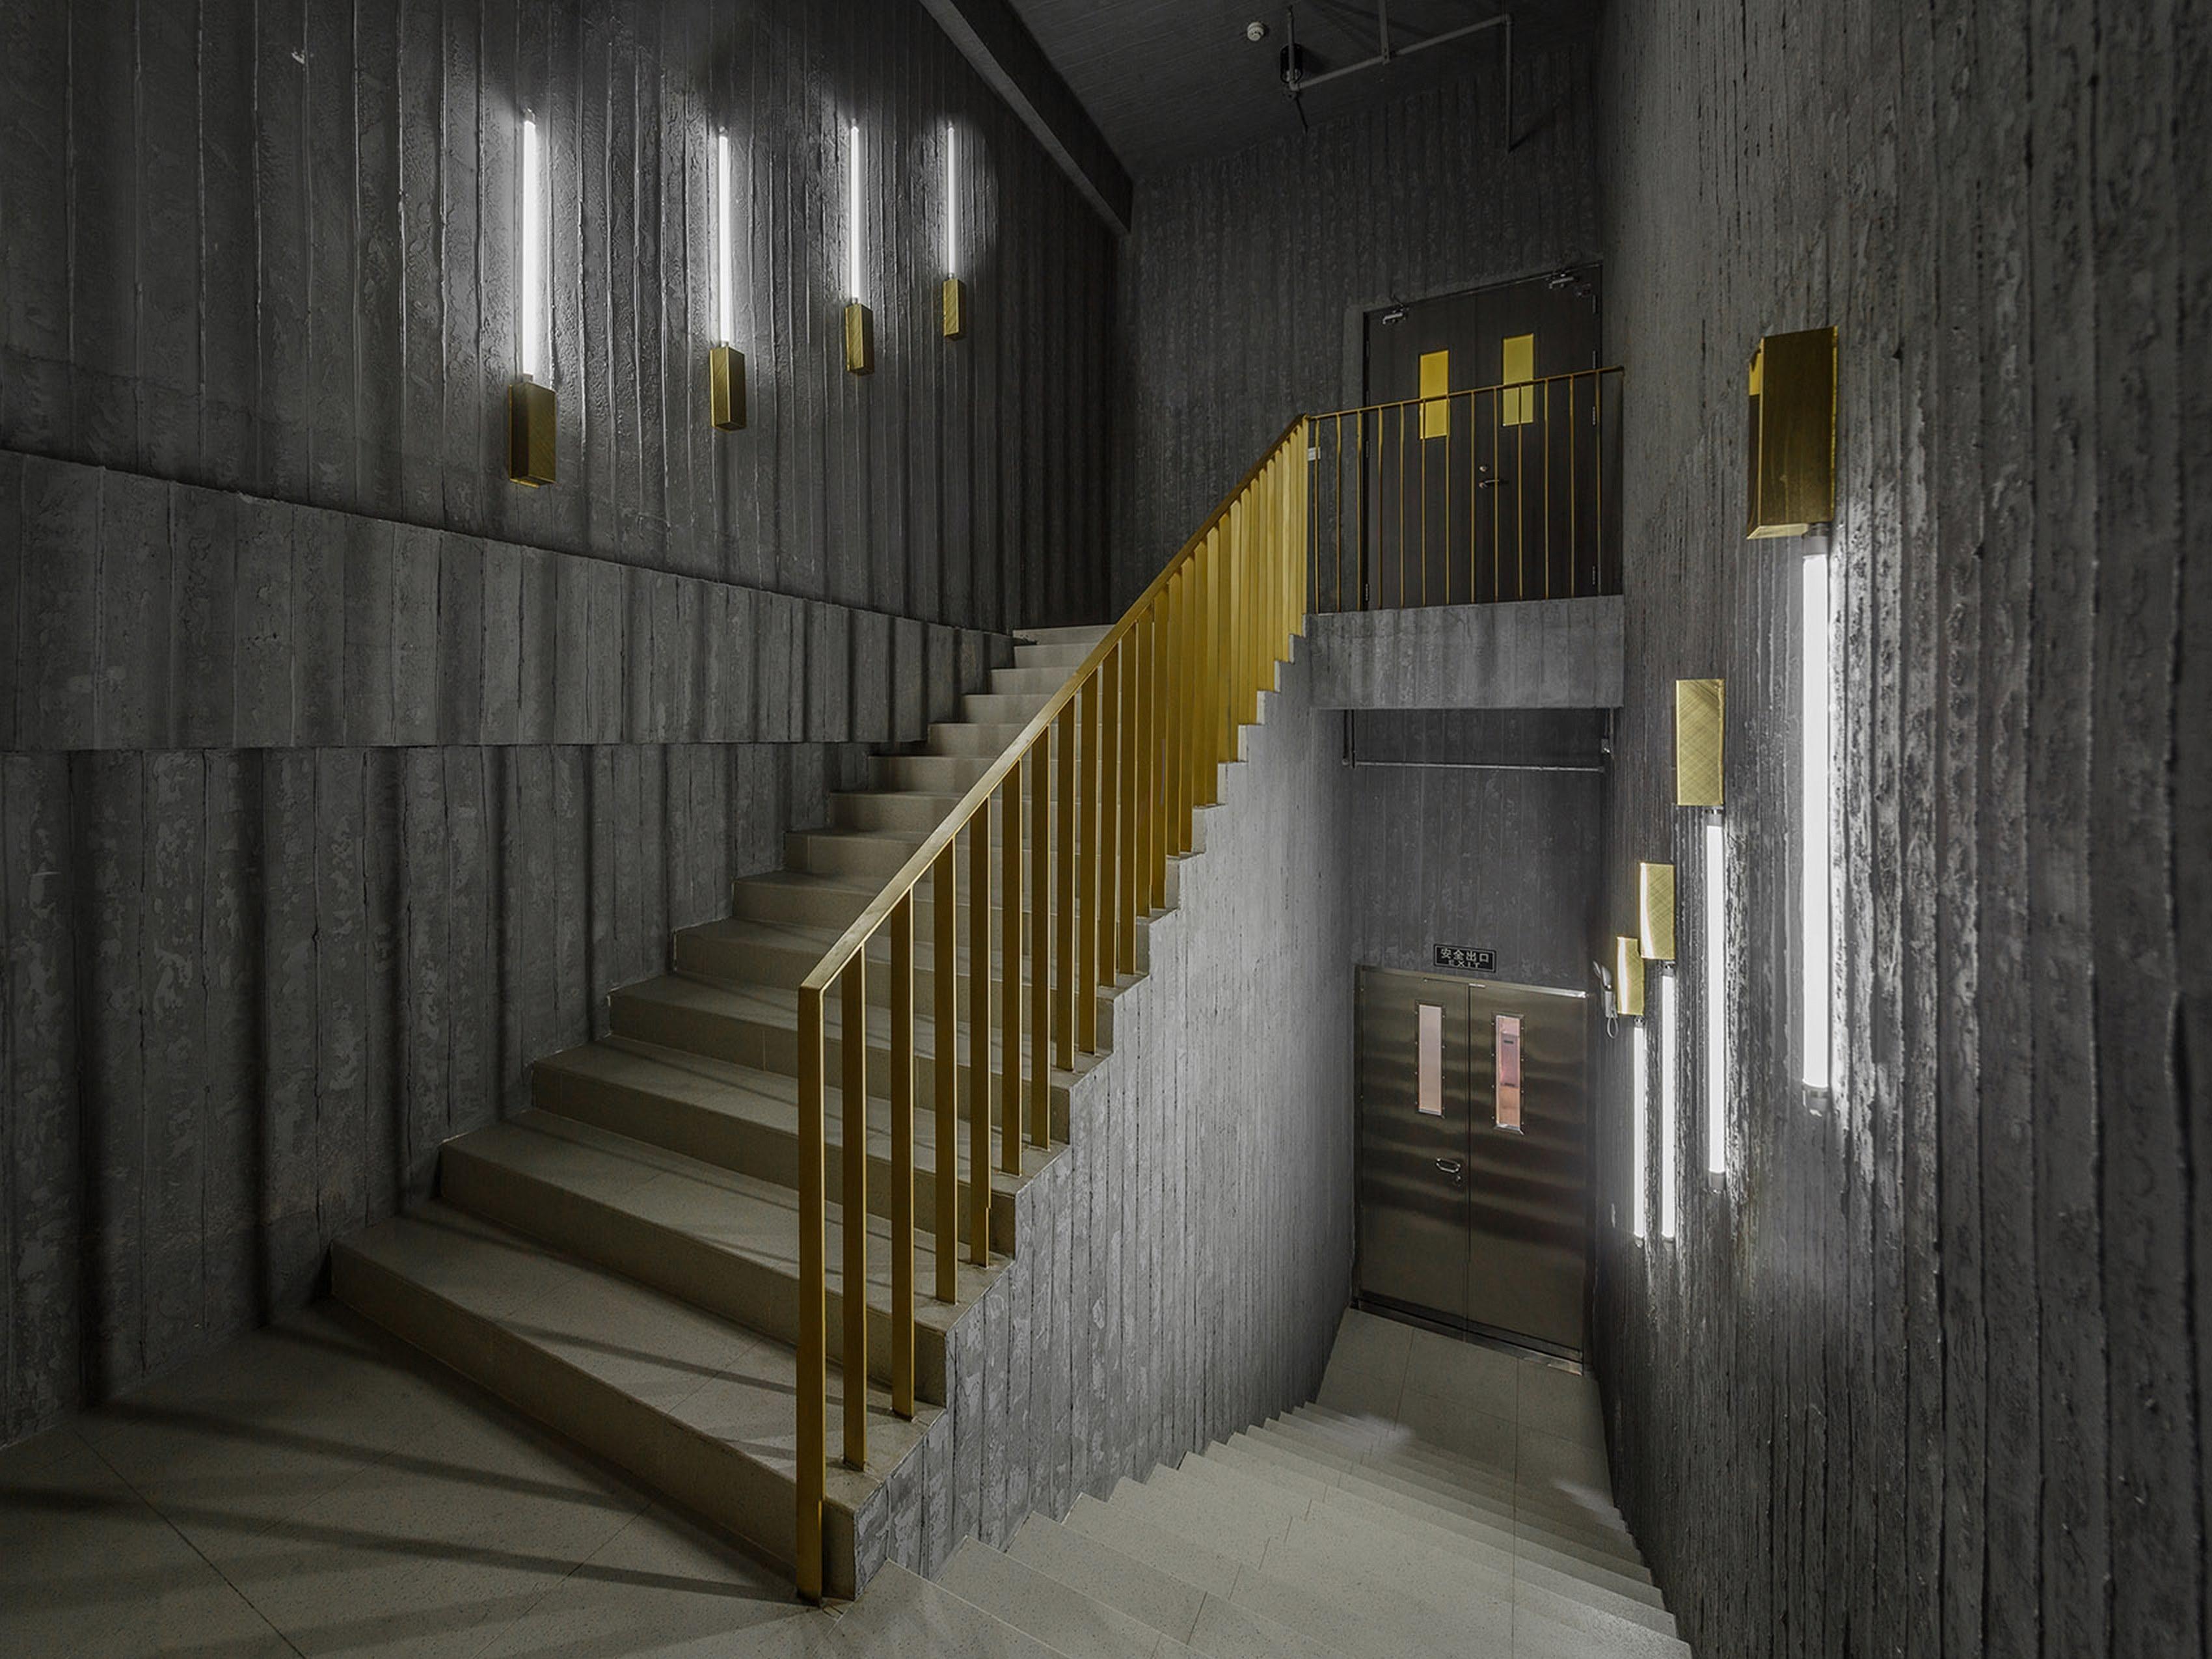 创业园科技园区楼梯效果图参考